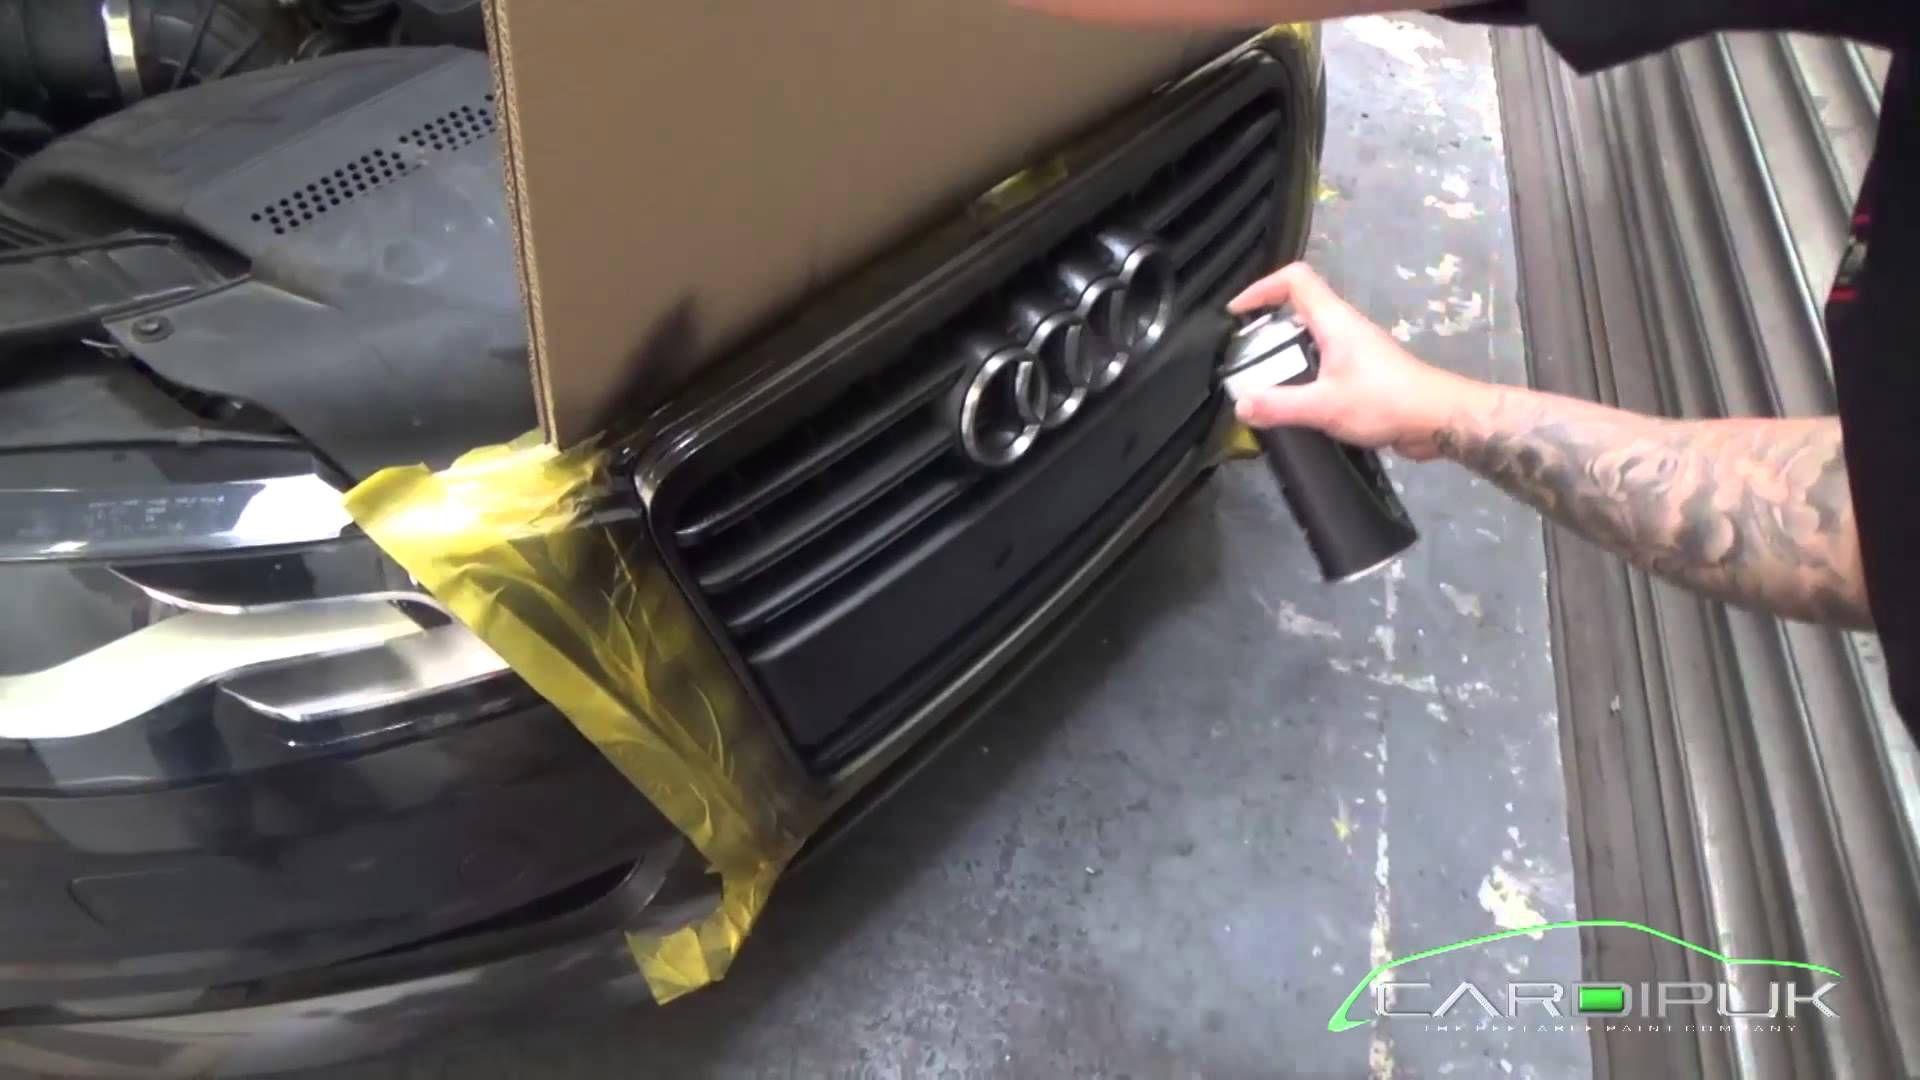 Cardipuk Audi A4 De Chrome Chrome Wood Diy